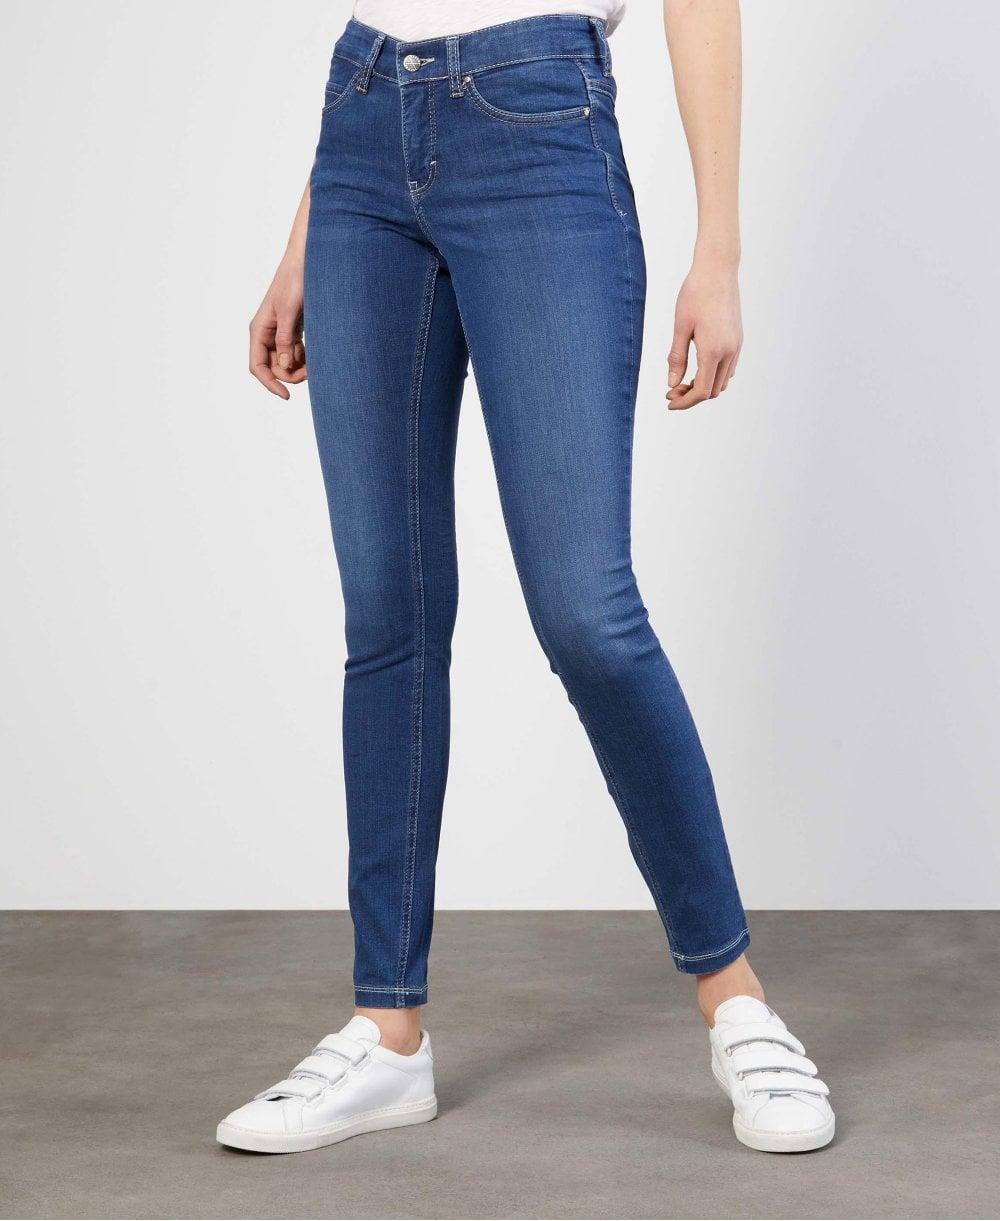 MAC Dream Skinny Jean - Jeans from luxury-legs.com UK